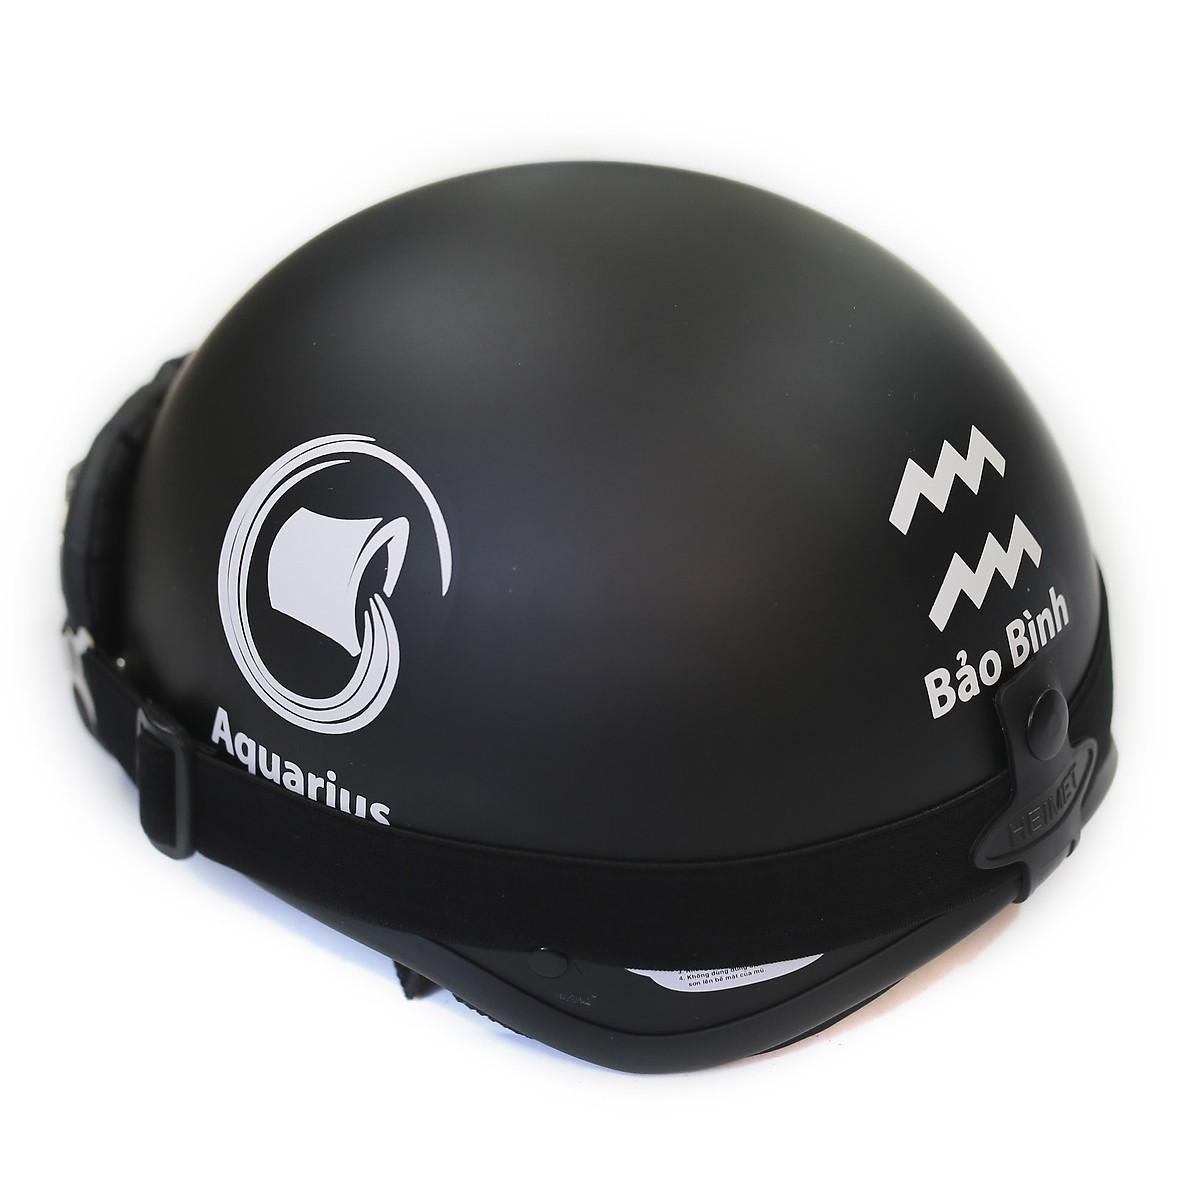 Mũ bảo hiểm đẹp 1/2 đầu cung hoàng đạo bảo bình + kính phi công màu ngẫu nhiên